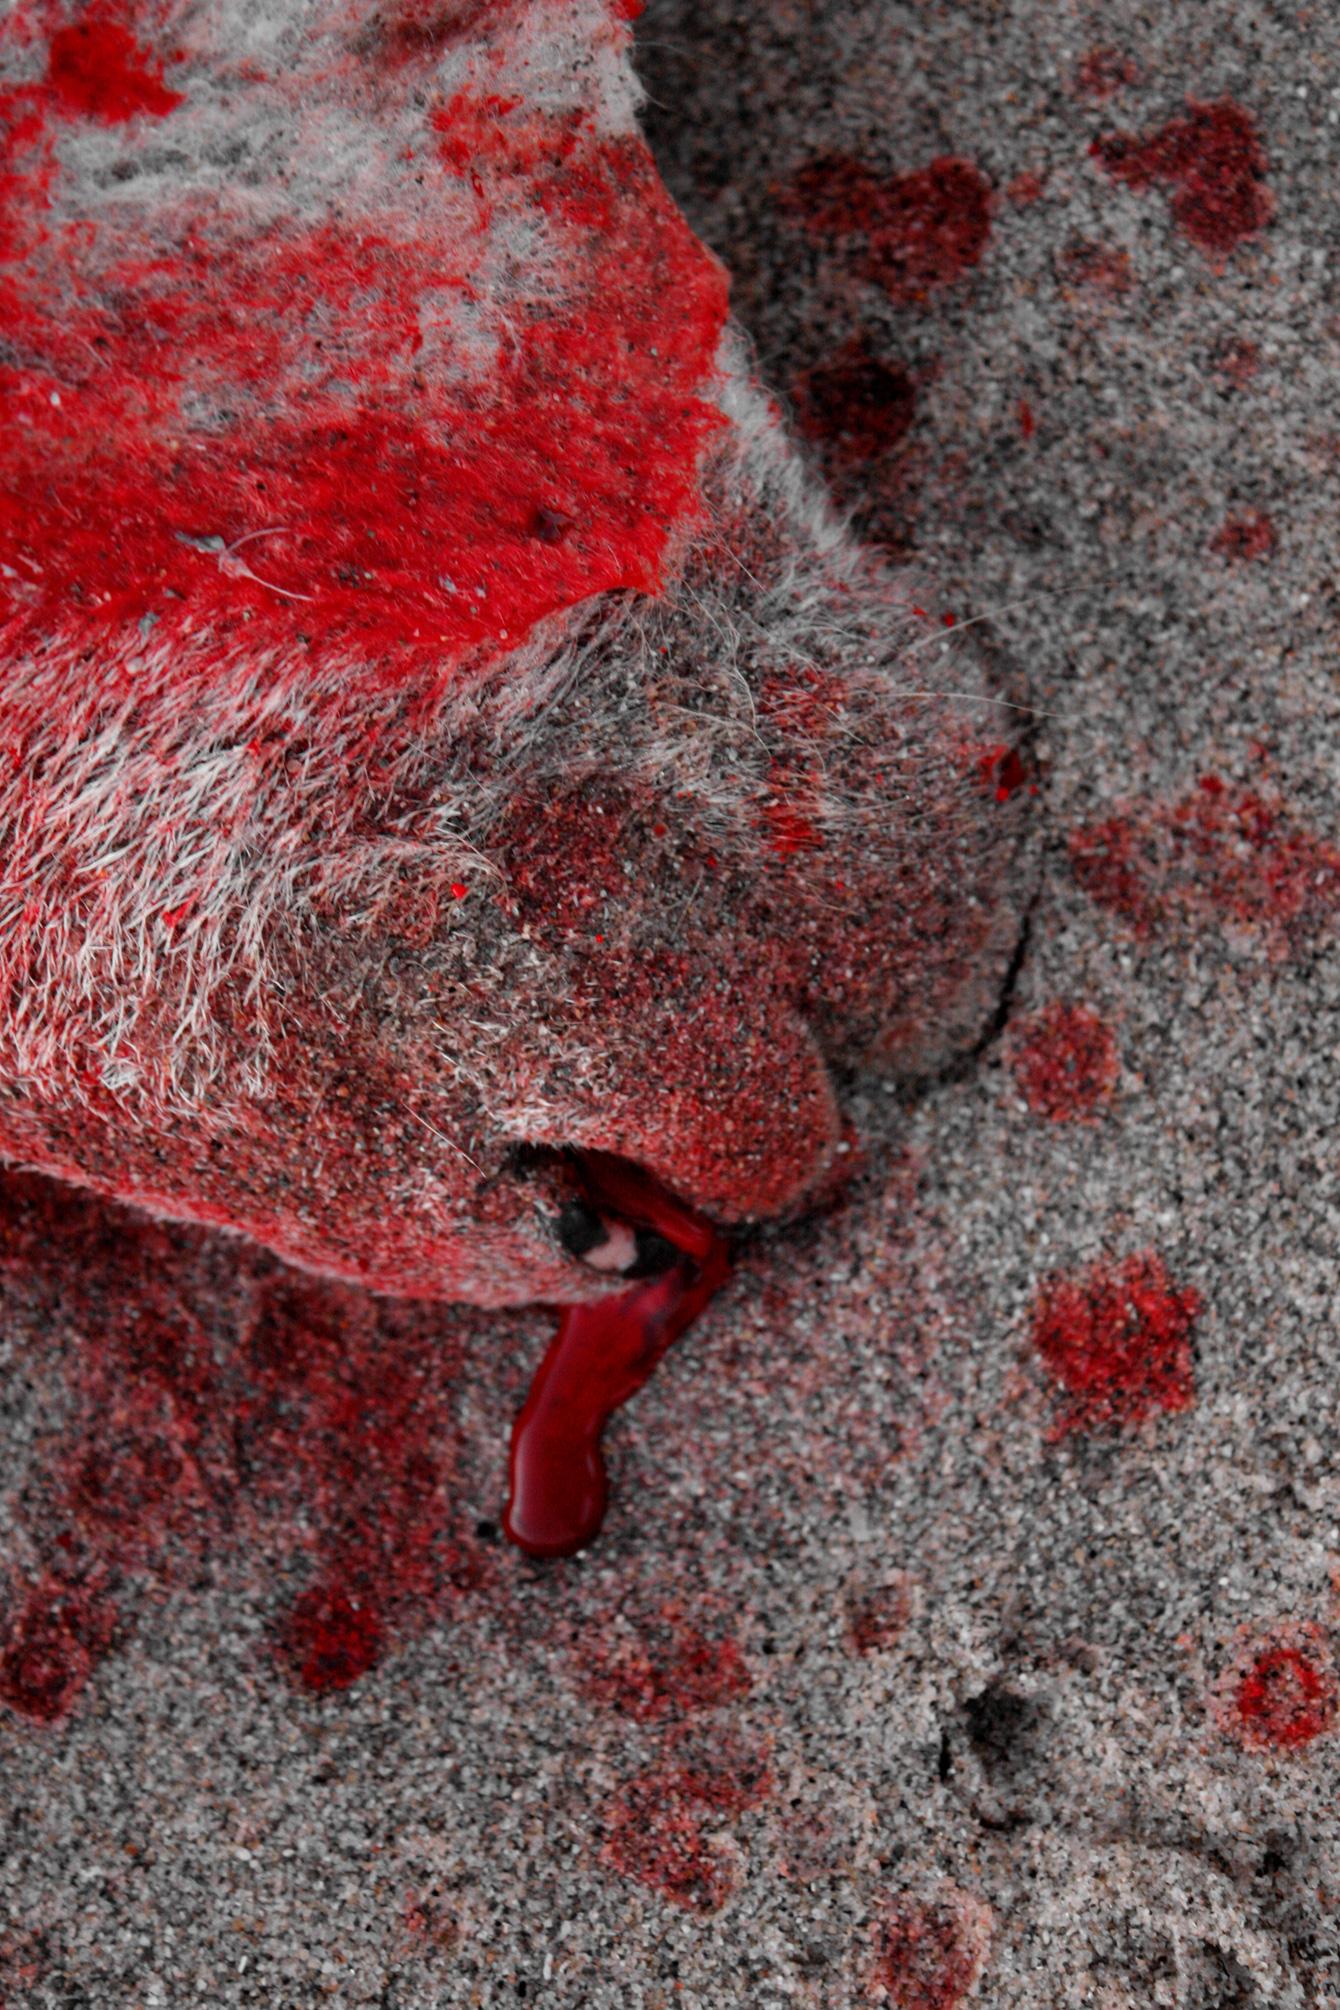 dead-sheep-blood-new-zealand